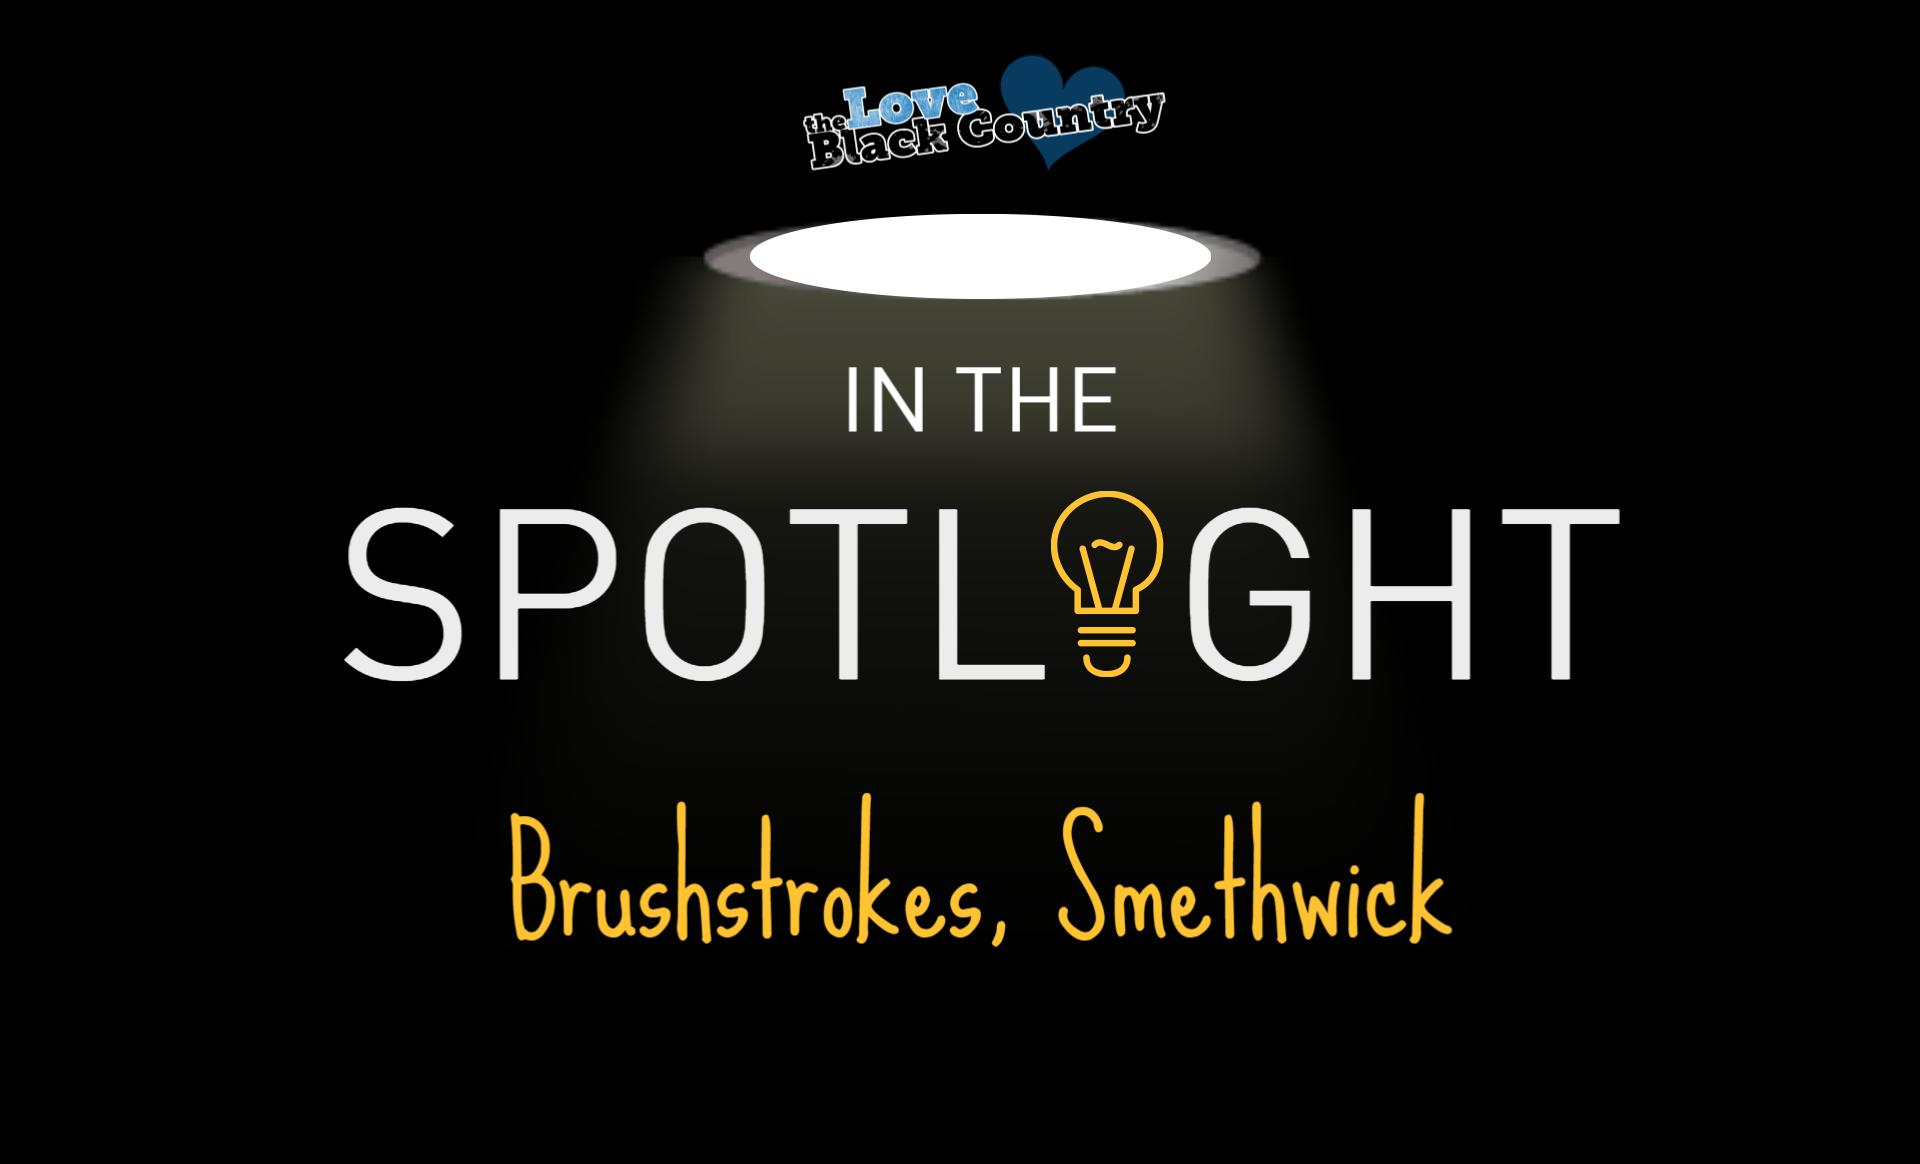 brushstrokes-smethwick